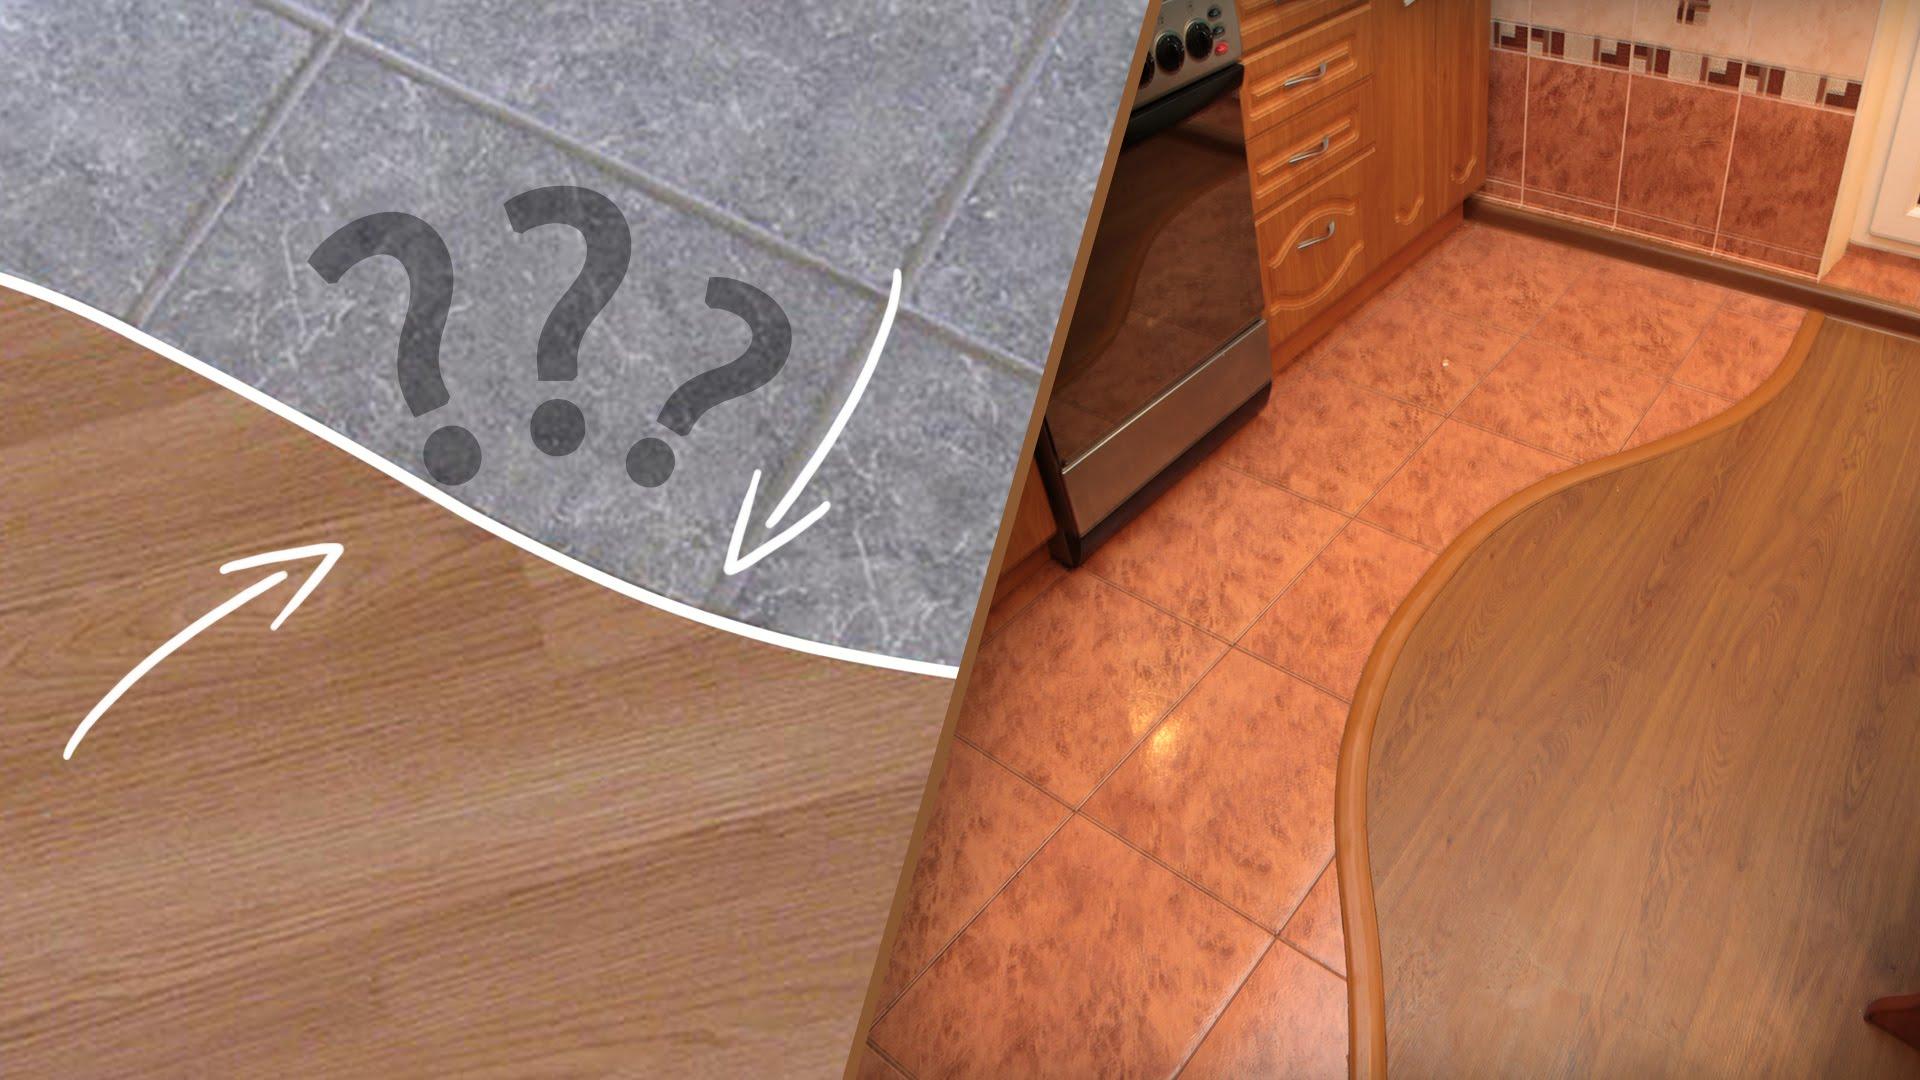 идея использования гибкого порога для ламината и плитки в ремонте комнаты